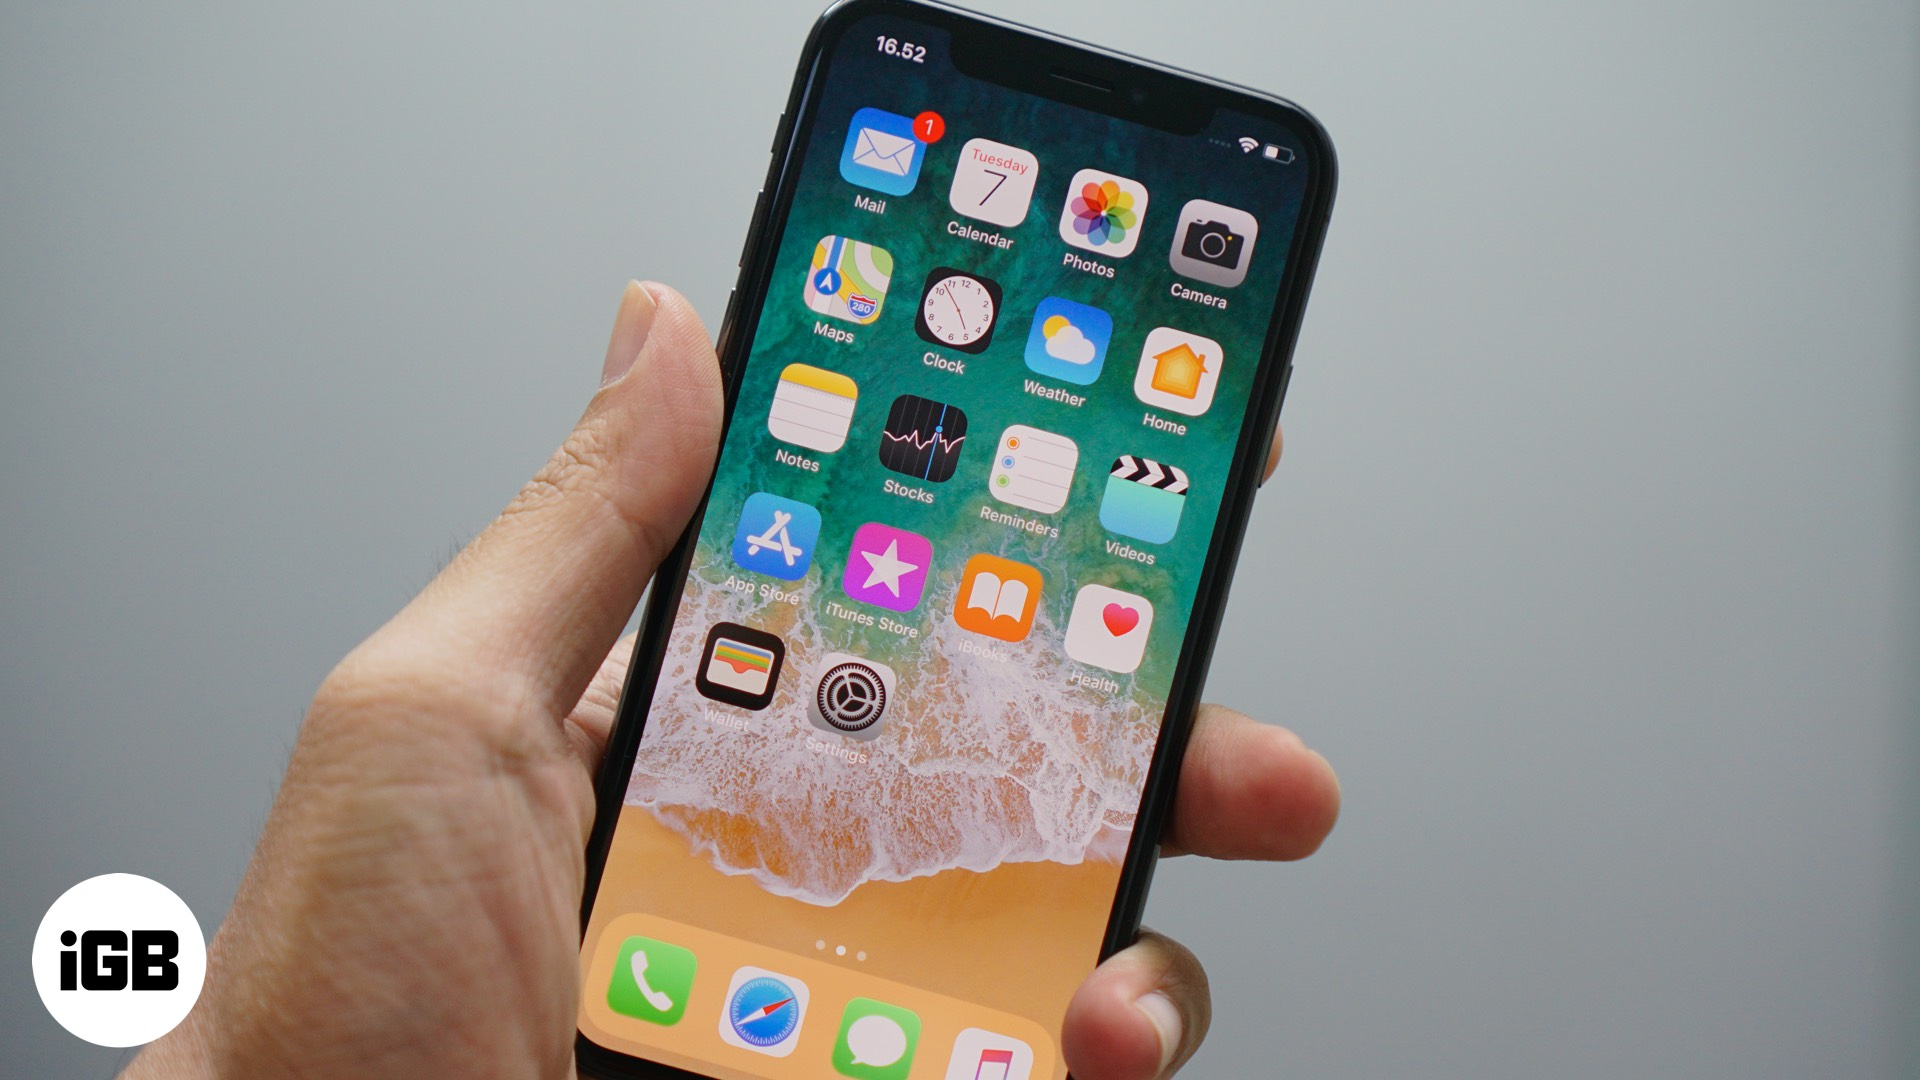 iPhone funcionando lento? 8 Consejos para acelerar tu iPhone